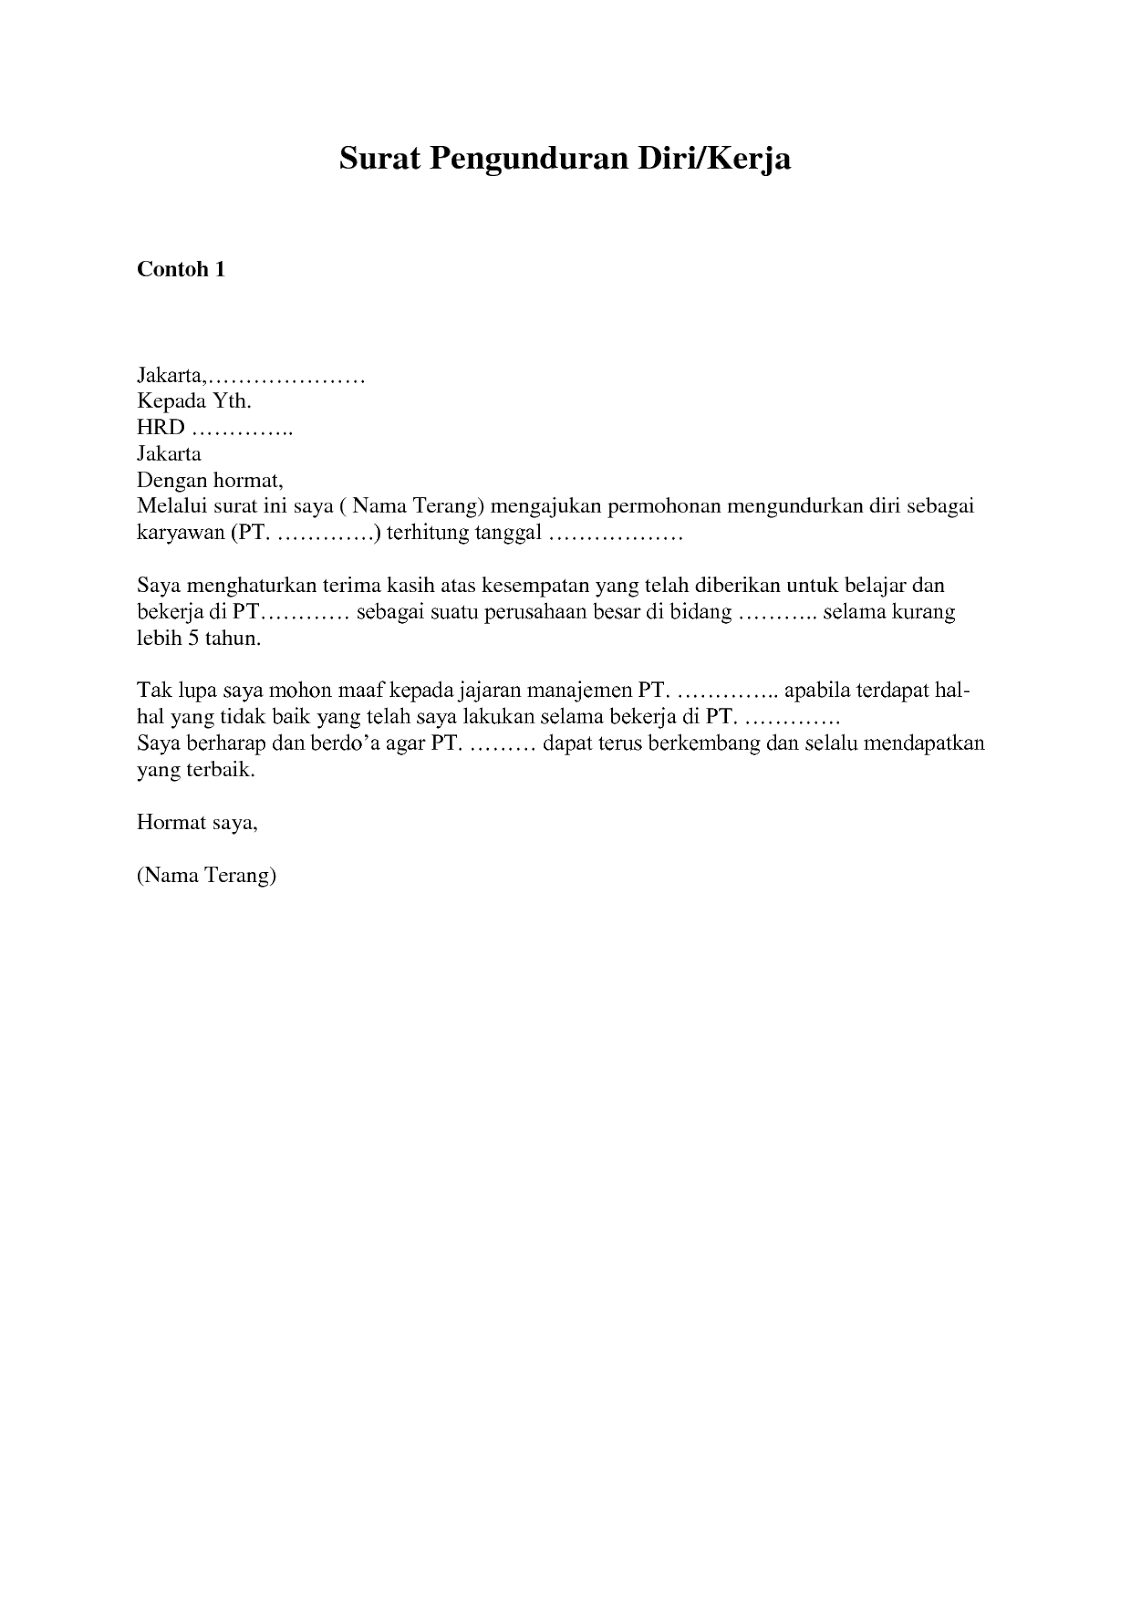 Contoh Surat Pengunduran Diri Kuliah - Contoh 36